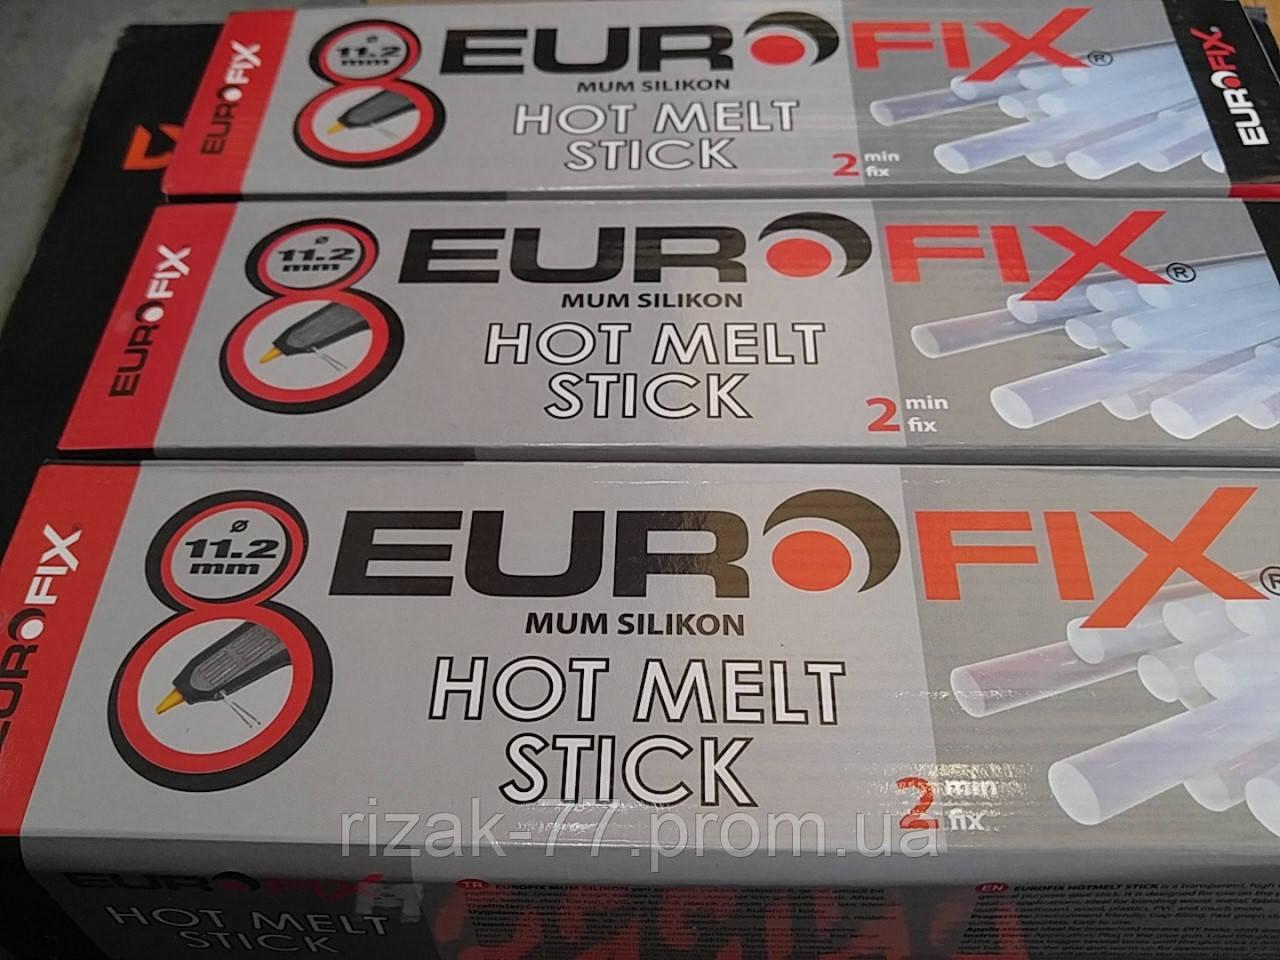 Клеевые термо-стержни EUROFIX. 11.2 мм.×300 мм. прозрачные, для клеевых пистолетов. про-во Турция